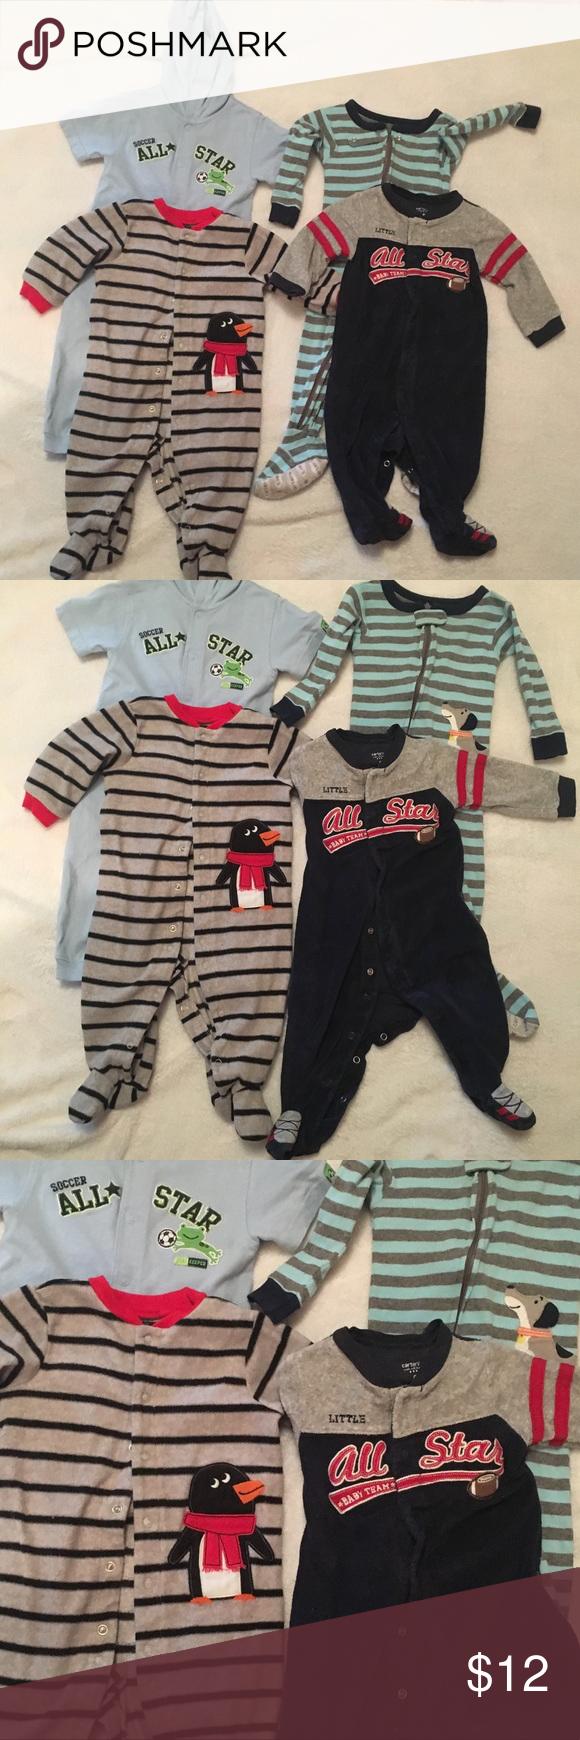 4605982223b1 4 baby boy 9-month-old pajamas PJs onesies